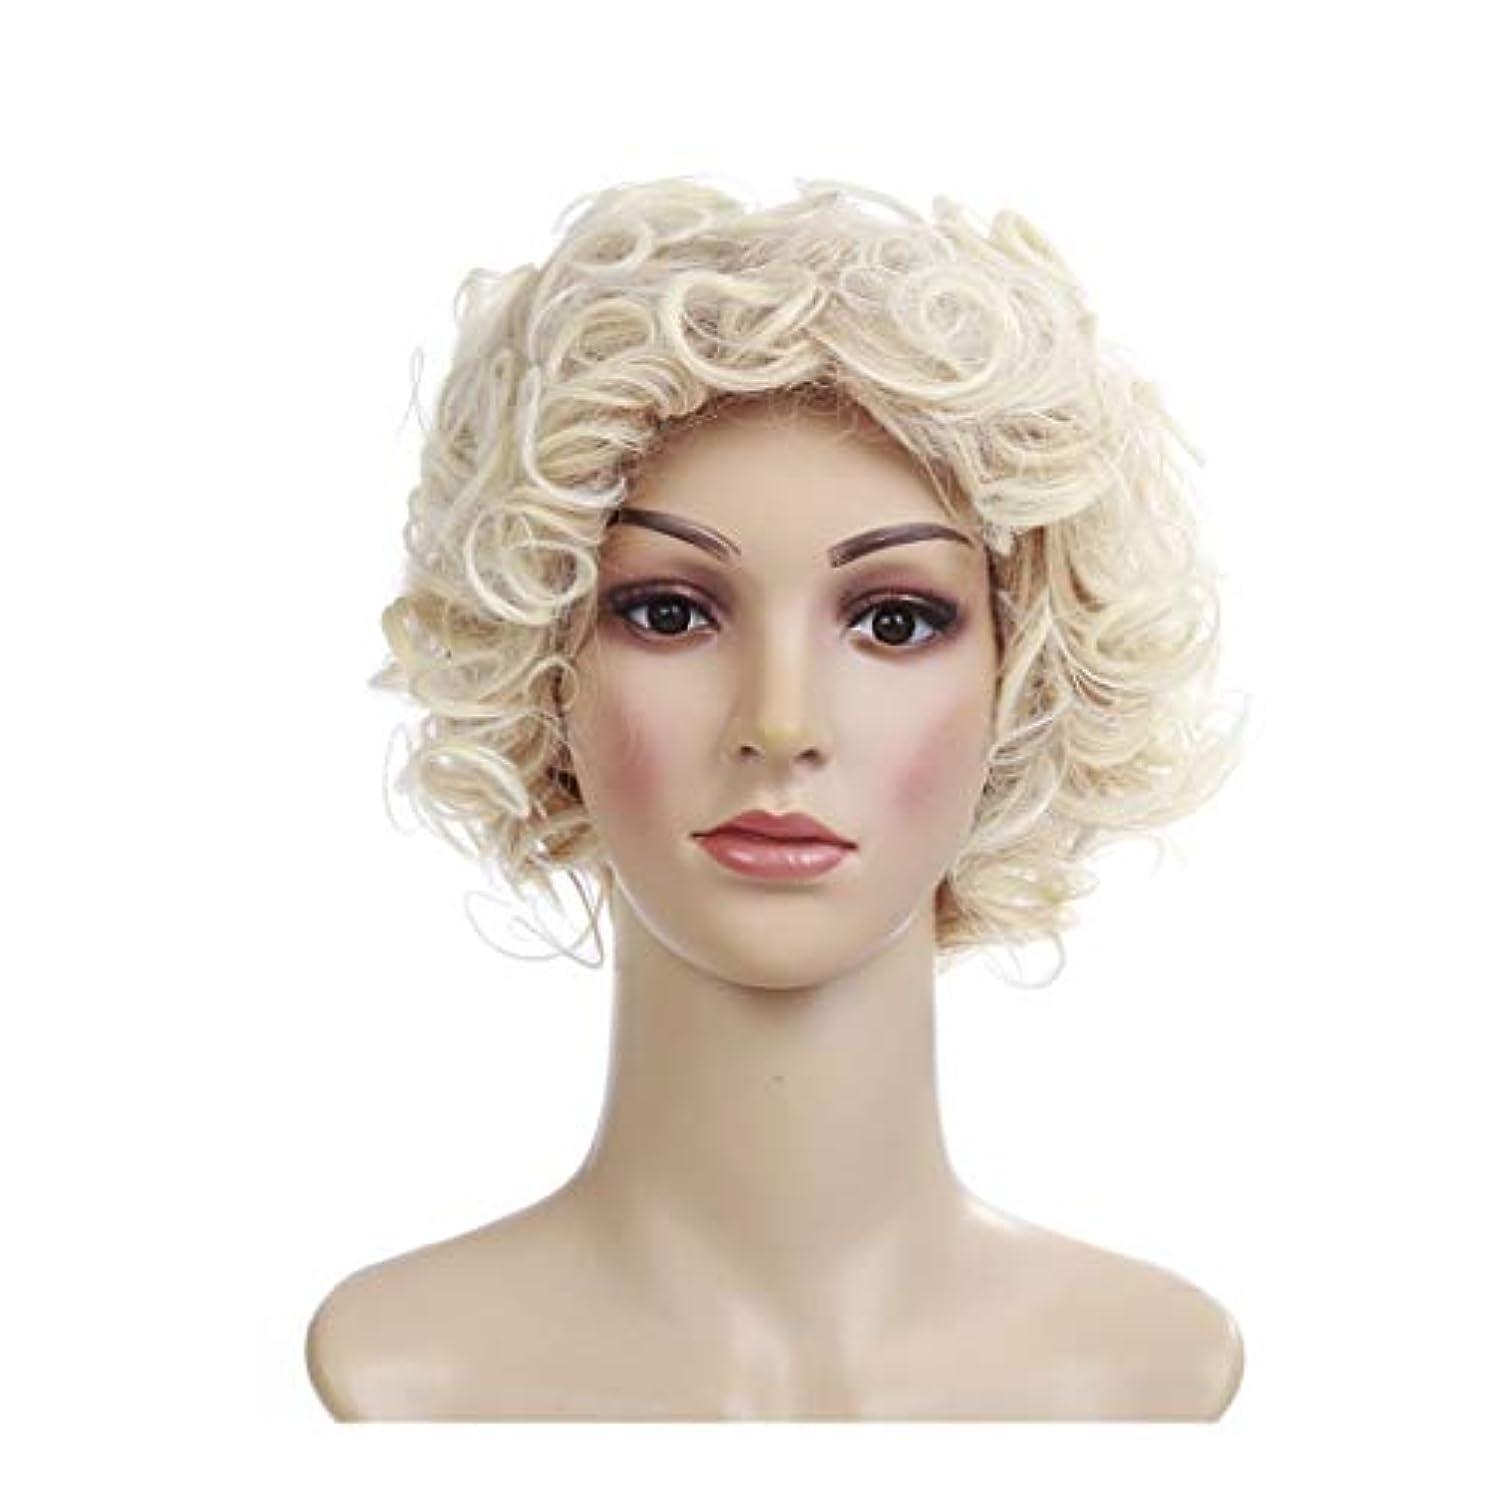 用量までレーザYOUQIU 黄金のヨーロッパやアメリカの短い巻き毛のかつら高温シルク小さな曲率髪型のかつらウィッグ (色 : ゴールド)